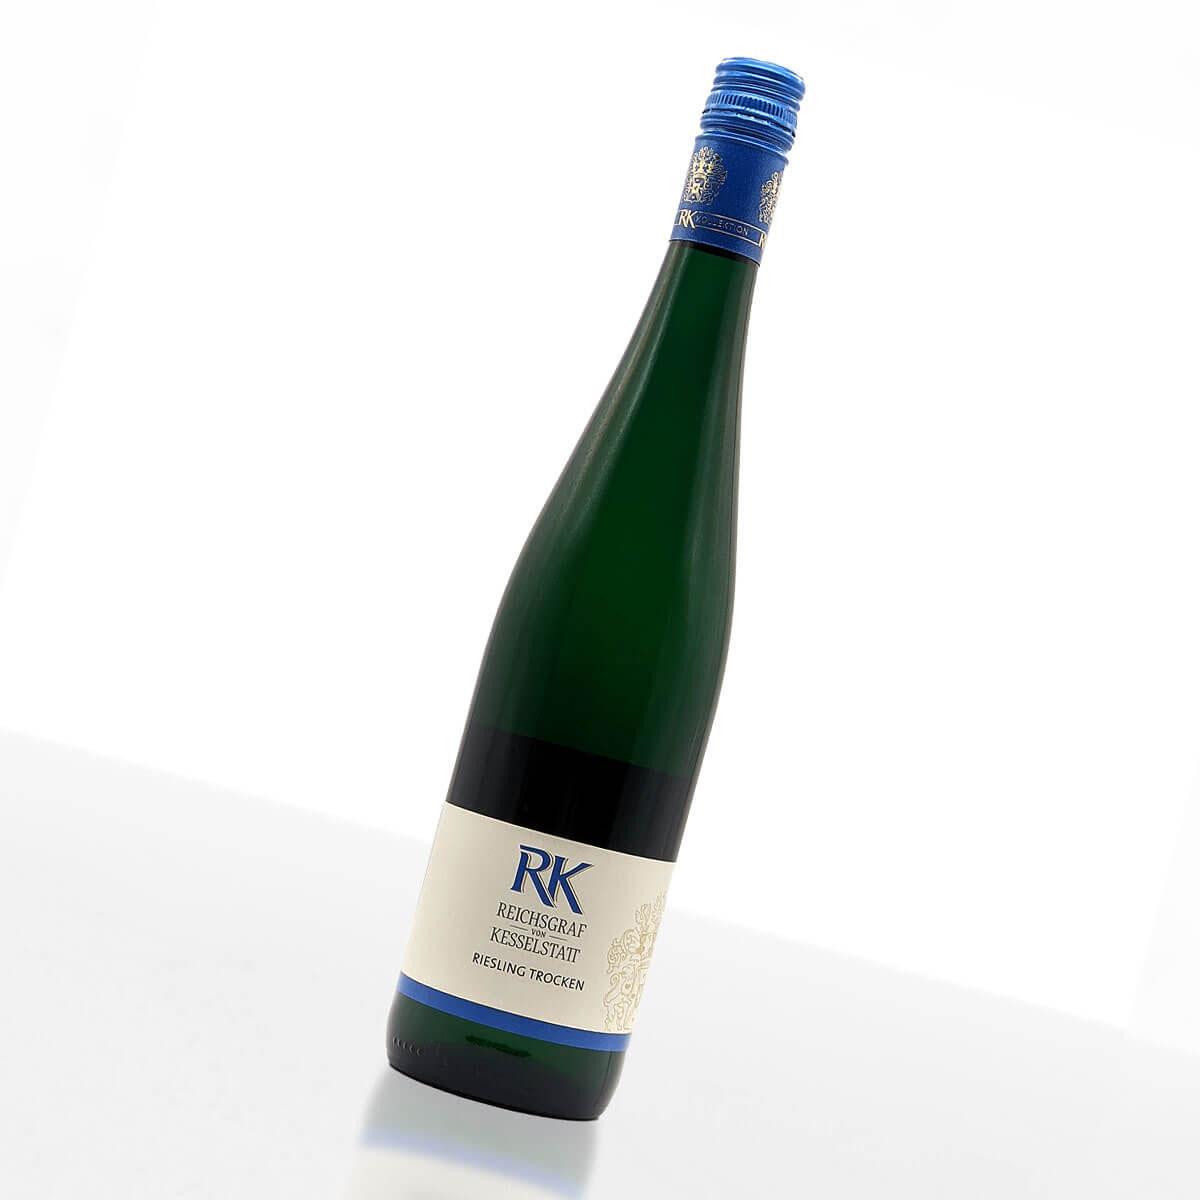 2018er RK Riesling trocken • Weingut Reichsgraf von Kesselstatt